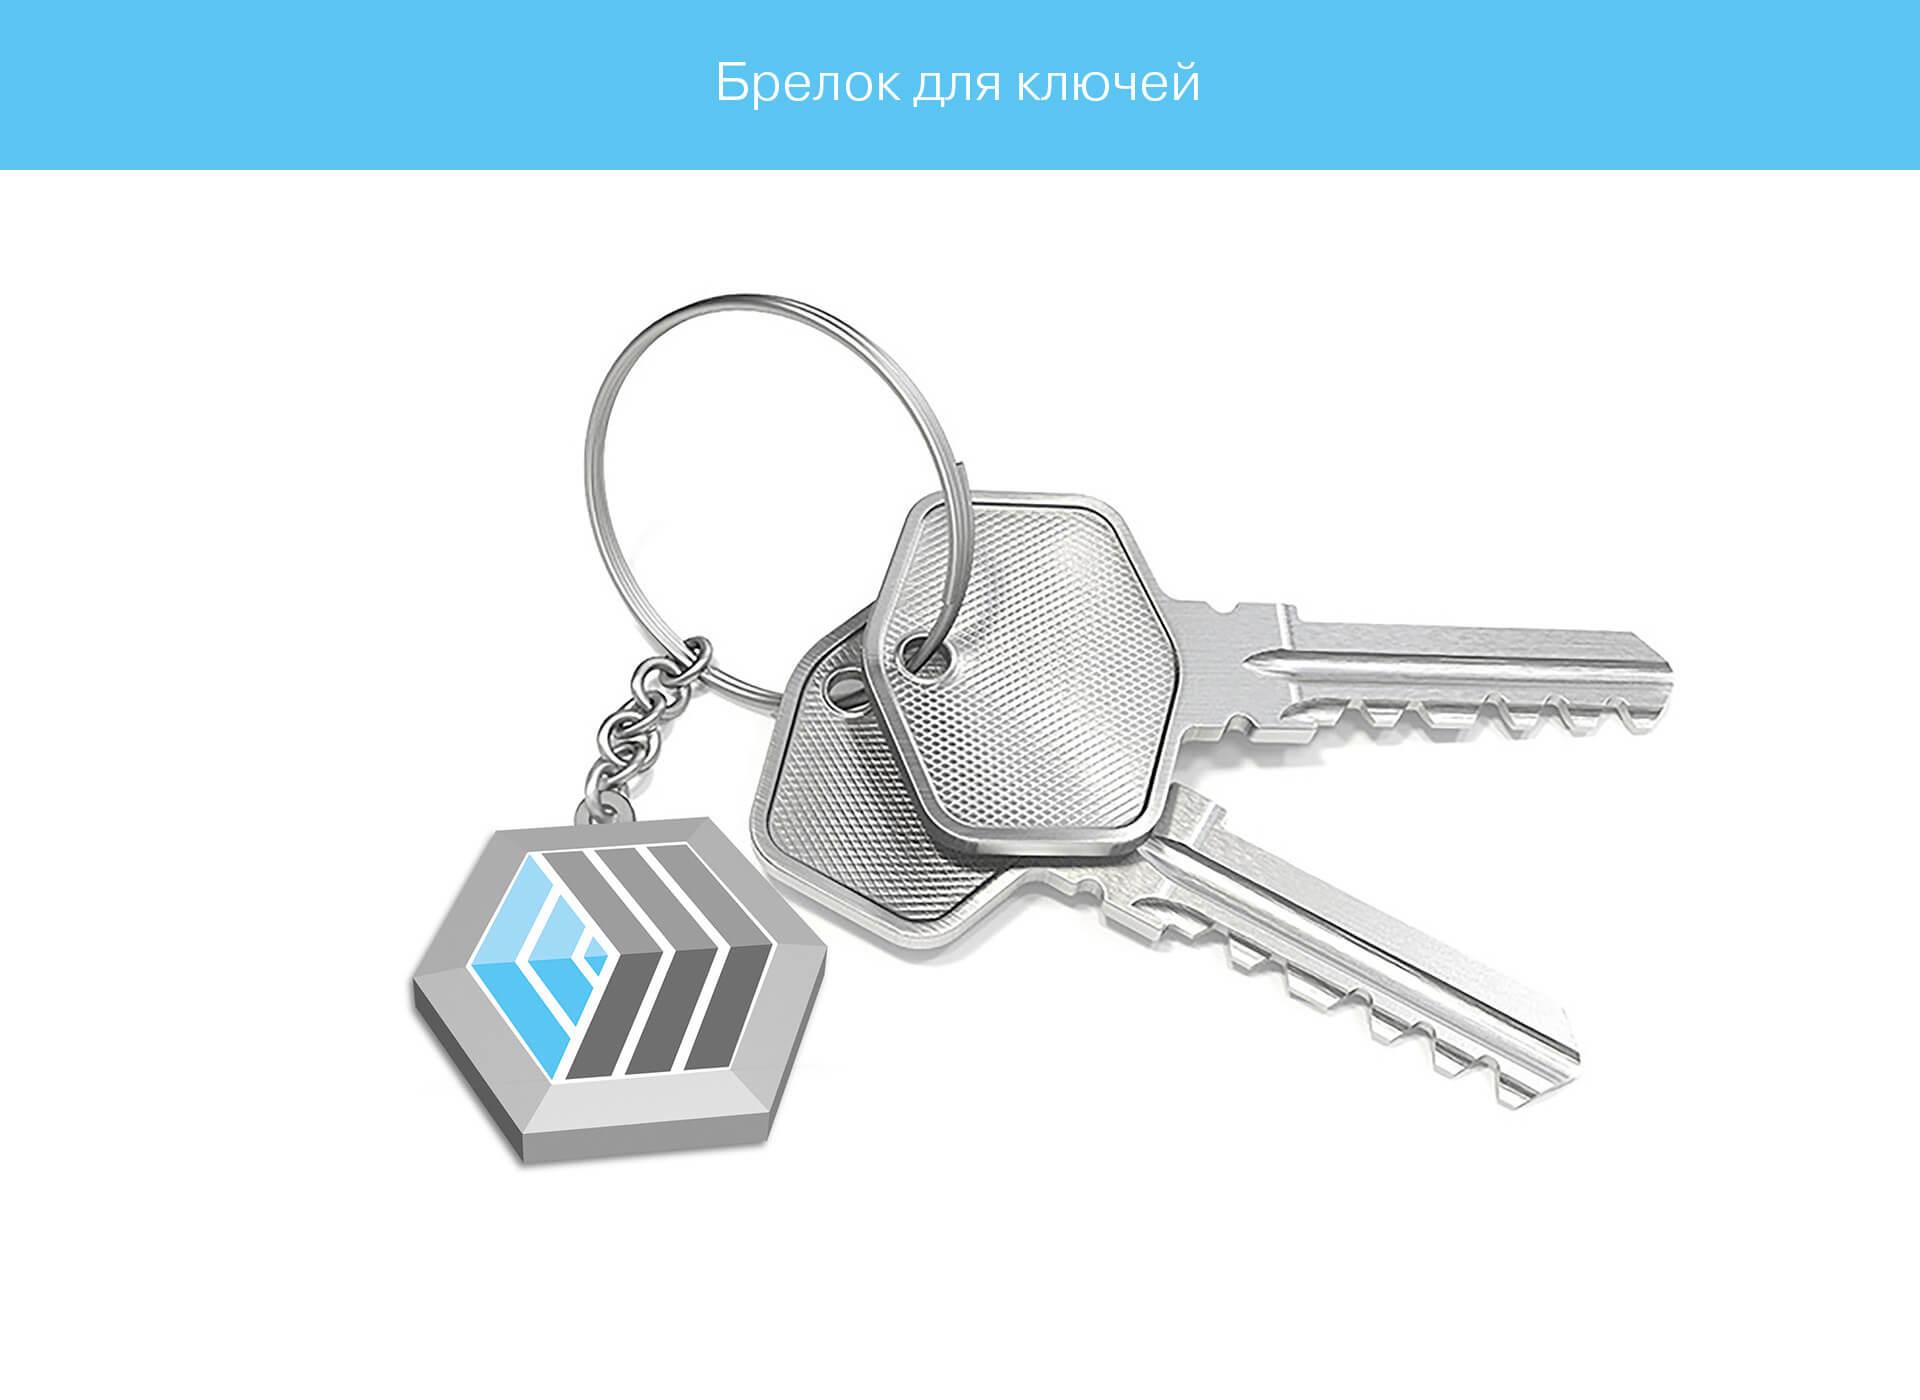 prokochuk_irina_binary-code_11_